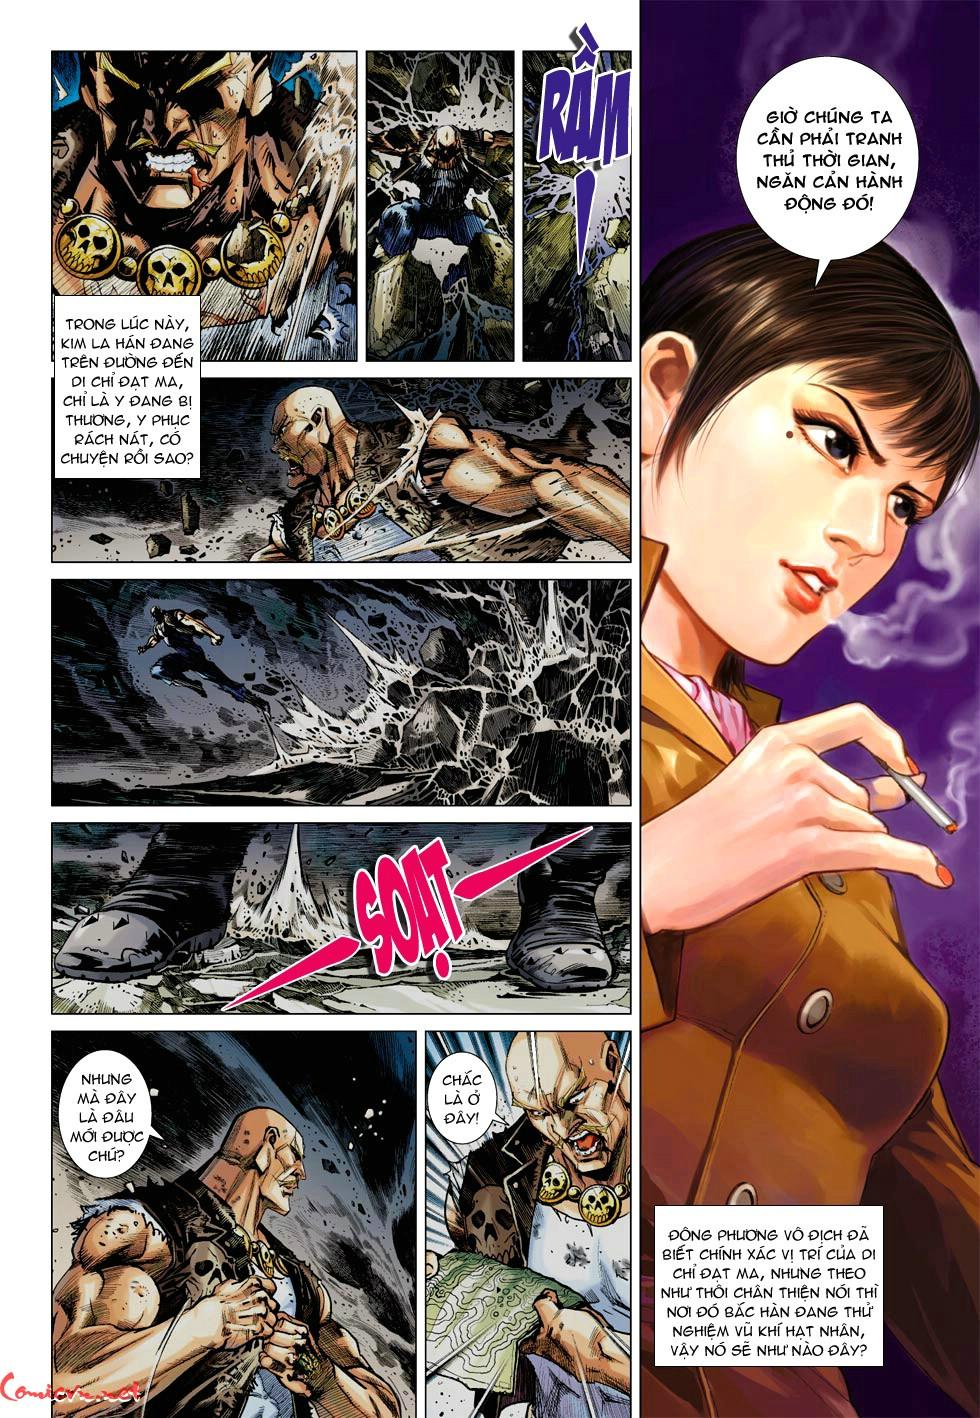 Vương Phong Lôi 1 chap 49 - Trang 3